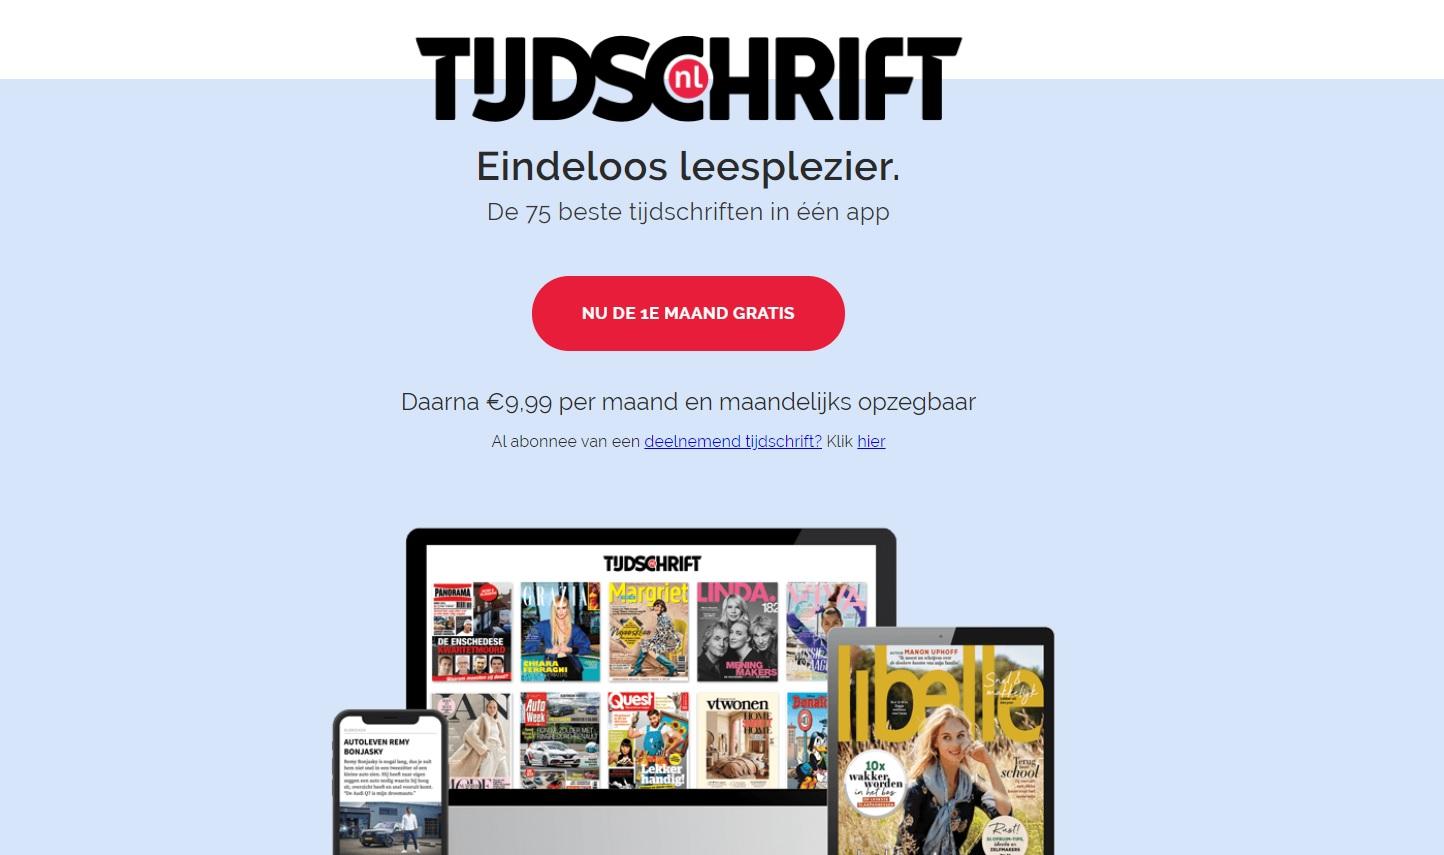 tijdschrift.nl aanbieding actie op fsom